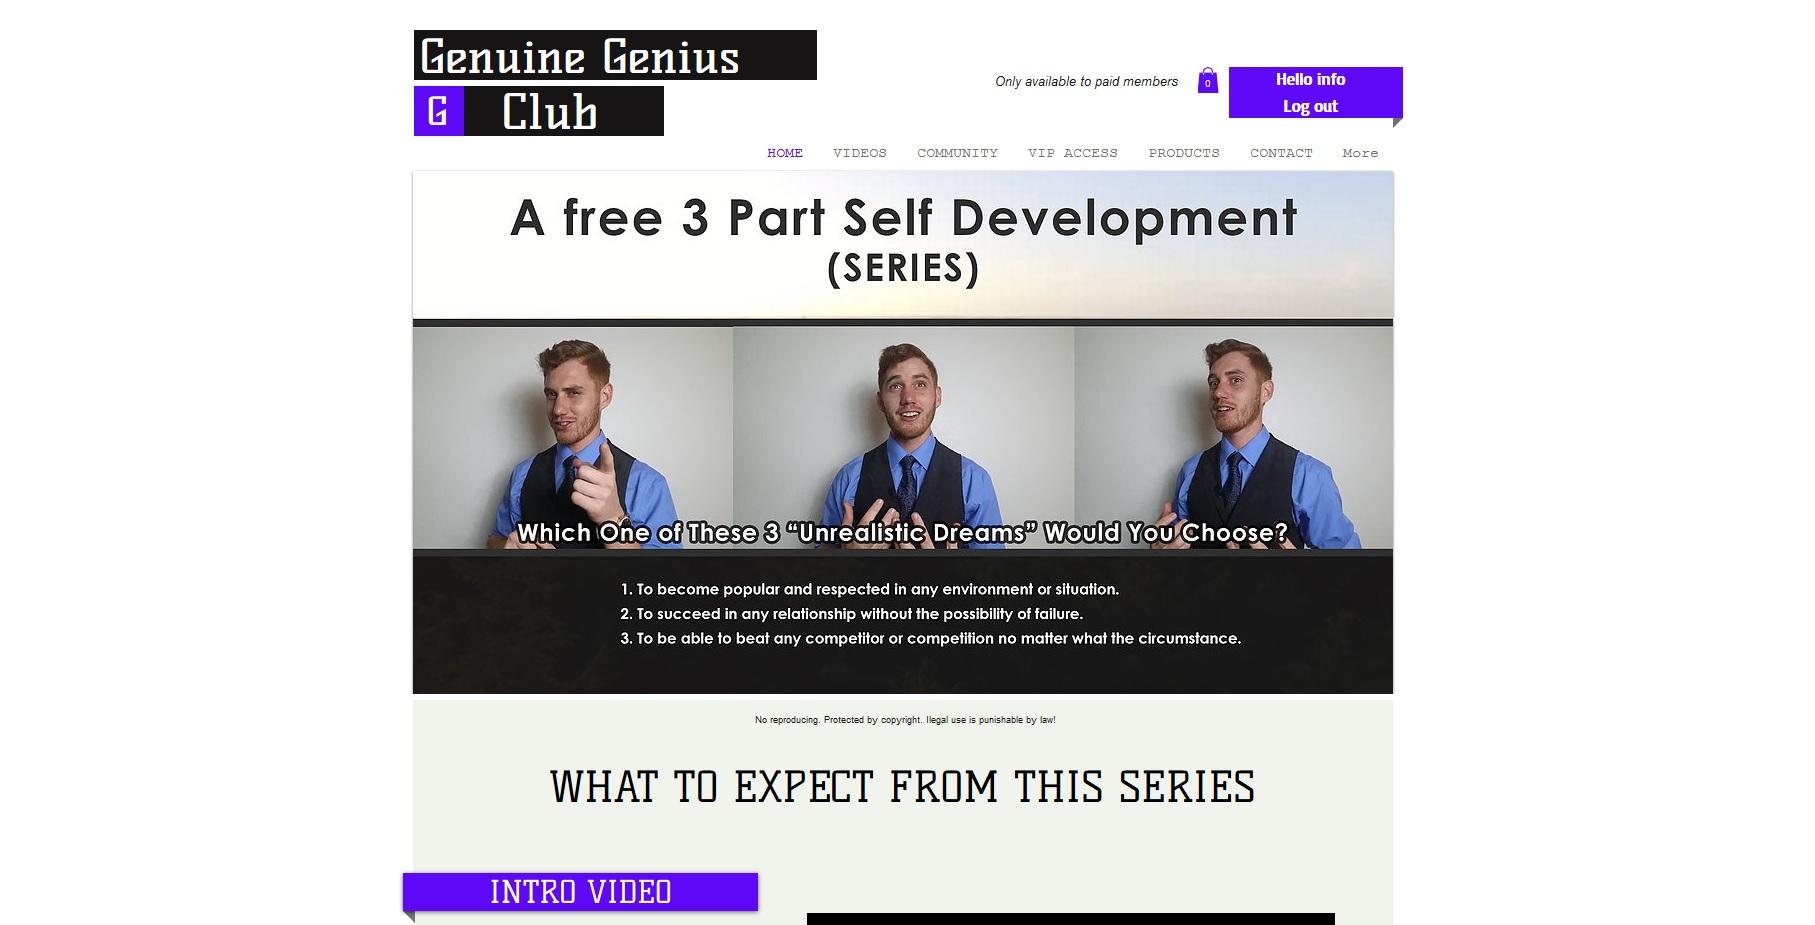 Genuine Genius Club